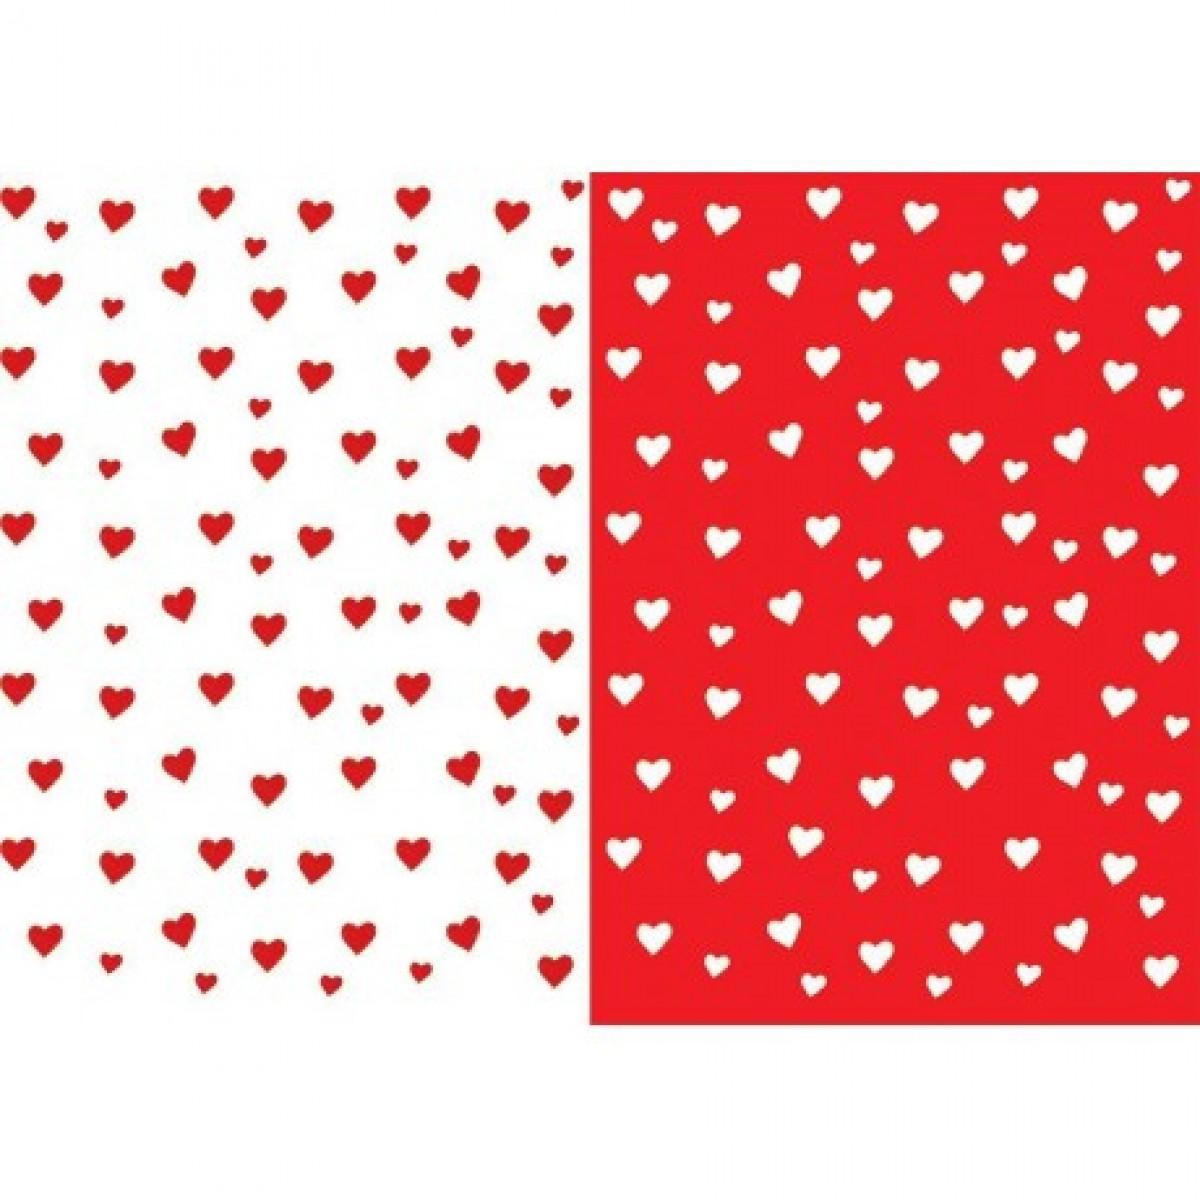 Καρδιές Άσπρες - Κόκκινες